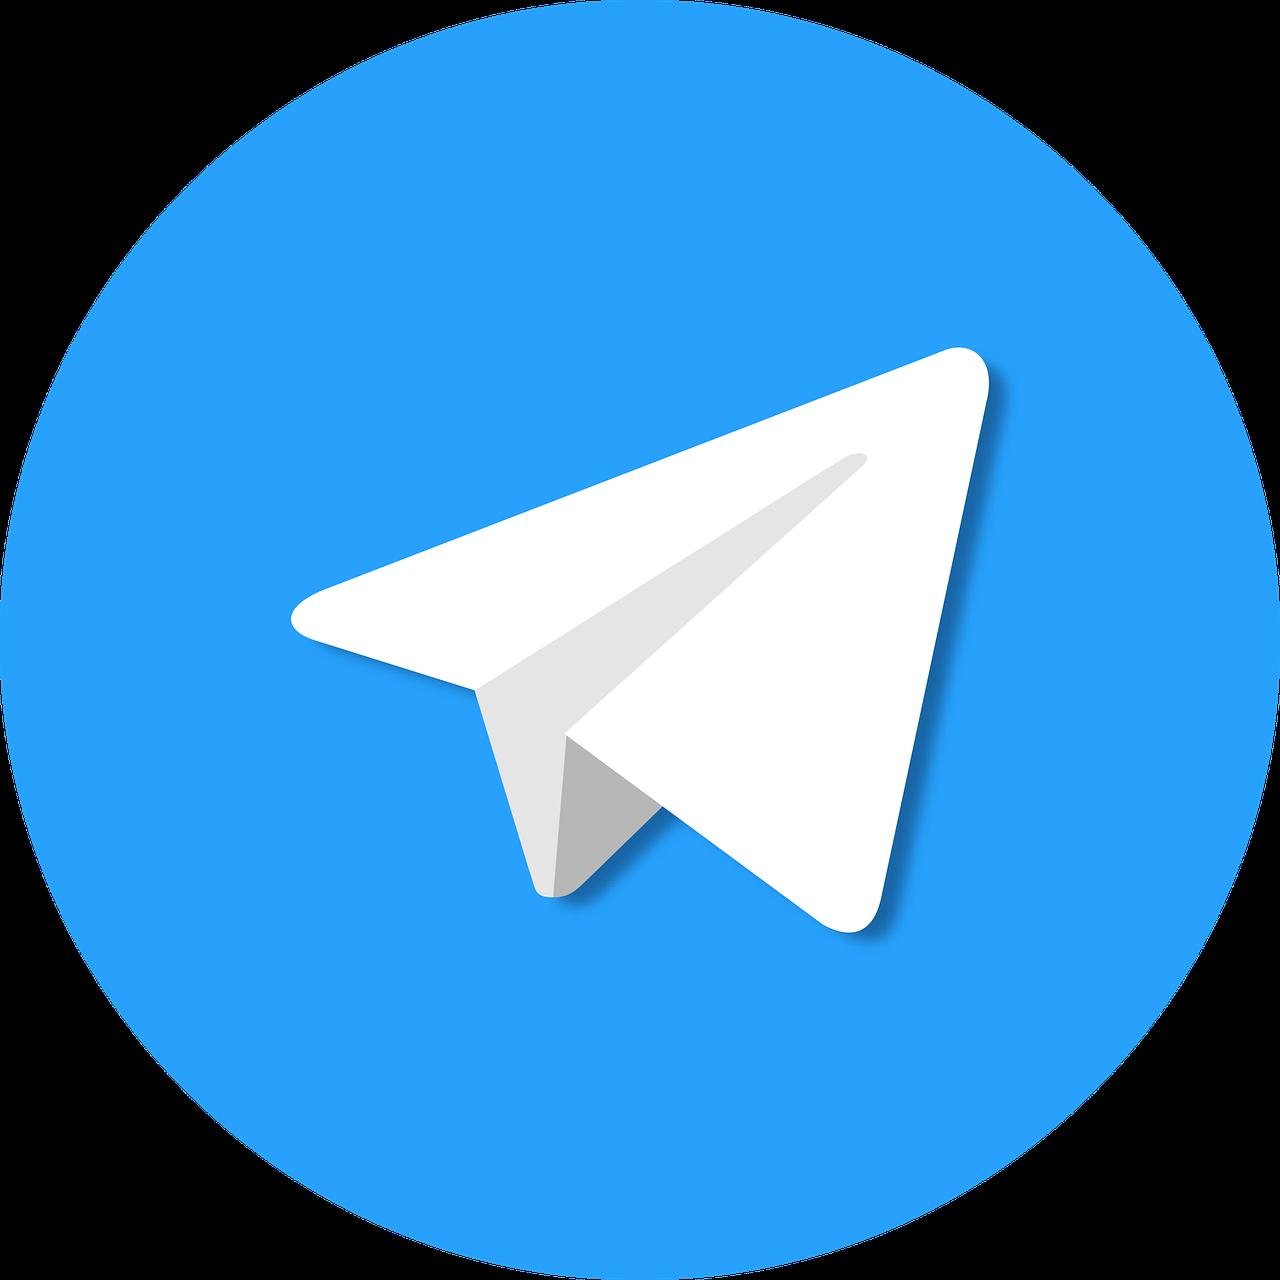 Telegram стал самым скачиваемым неигровым приложением в мире